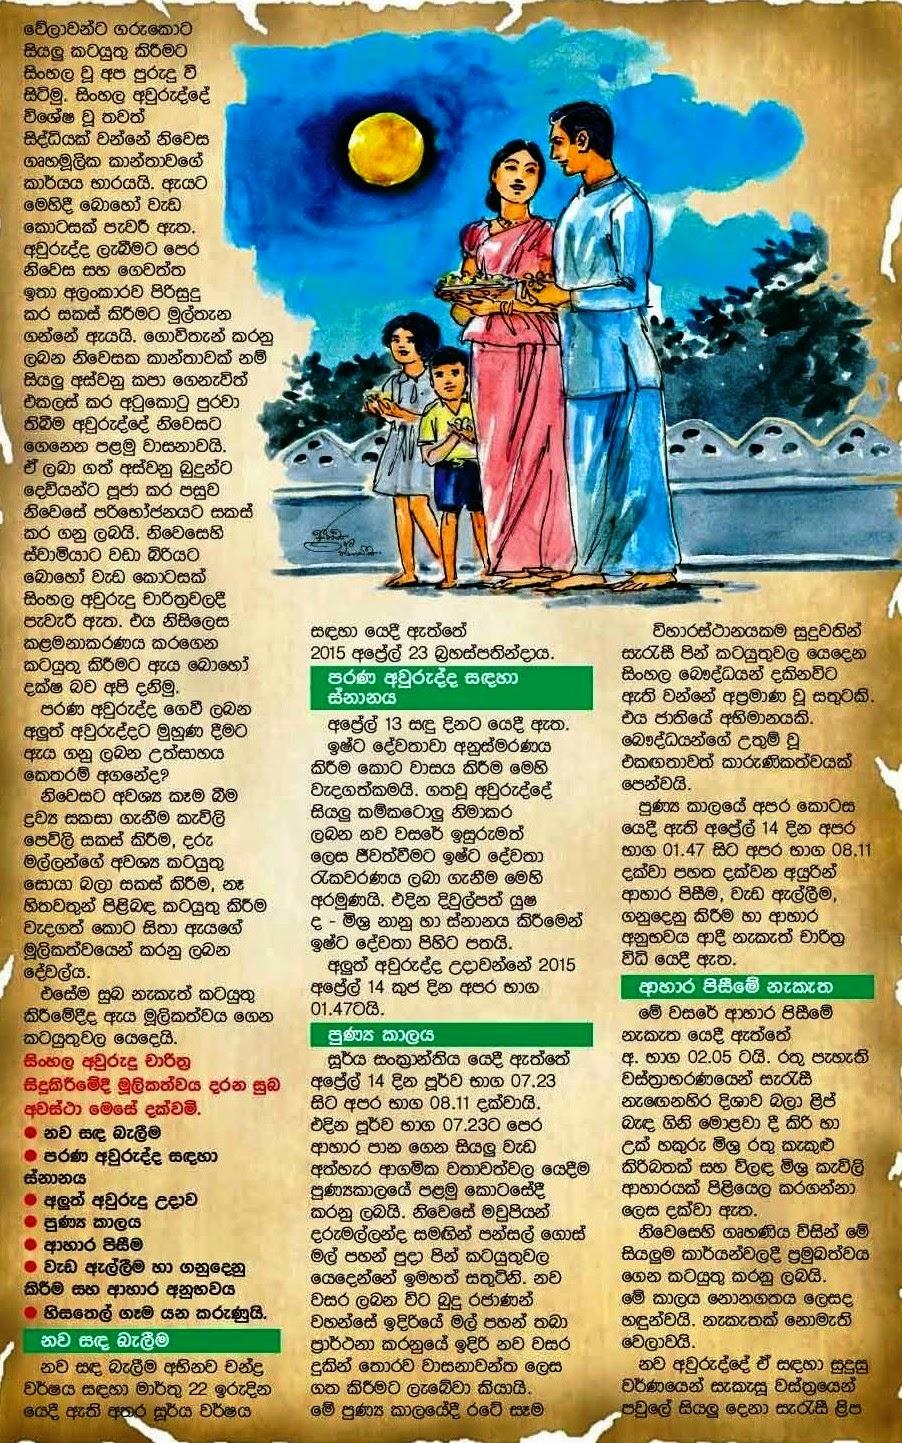 Panchanga Litha 2018 >> 2015 New year Nakath - Sinhala Aluth Aurudda - ඔබේ ලග්නයට කොහොමද? | Sri Lanka Newspaper Articles